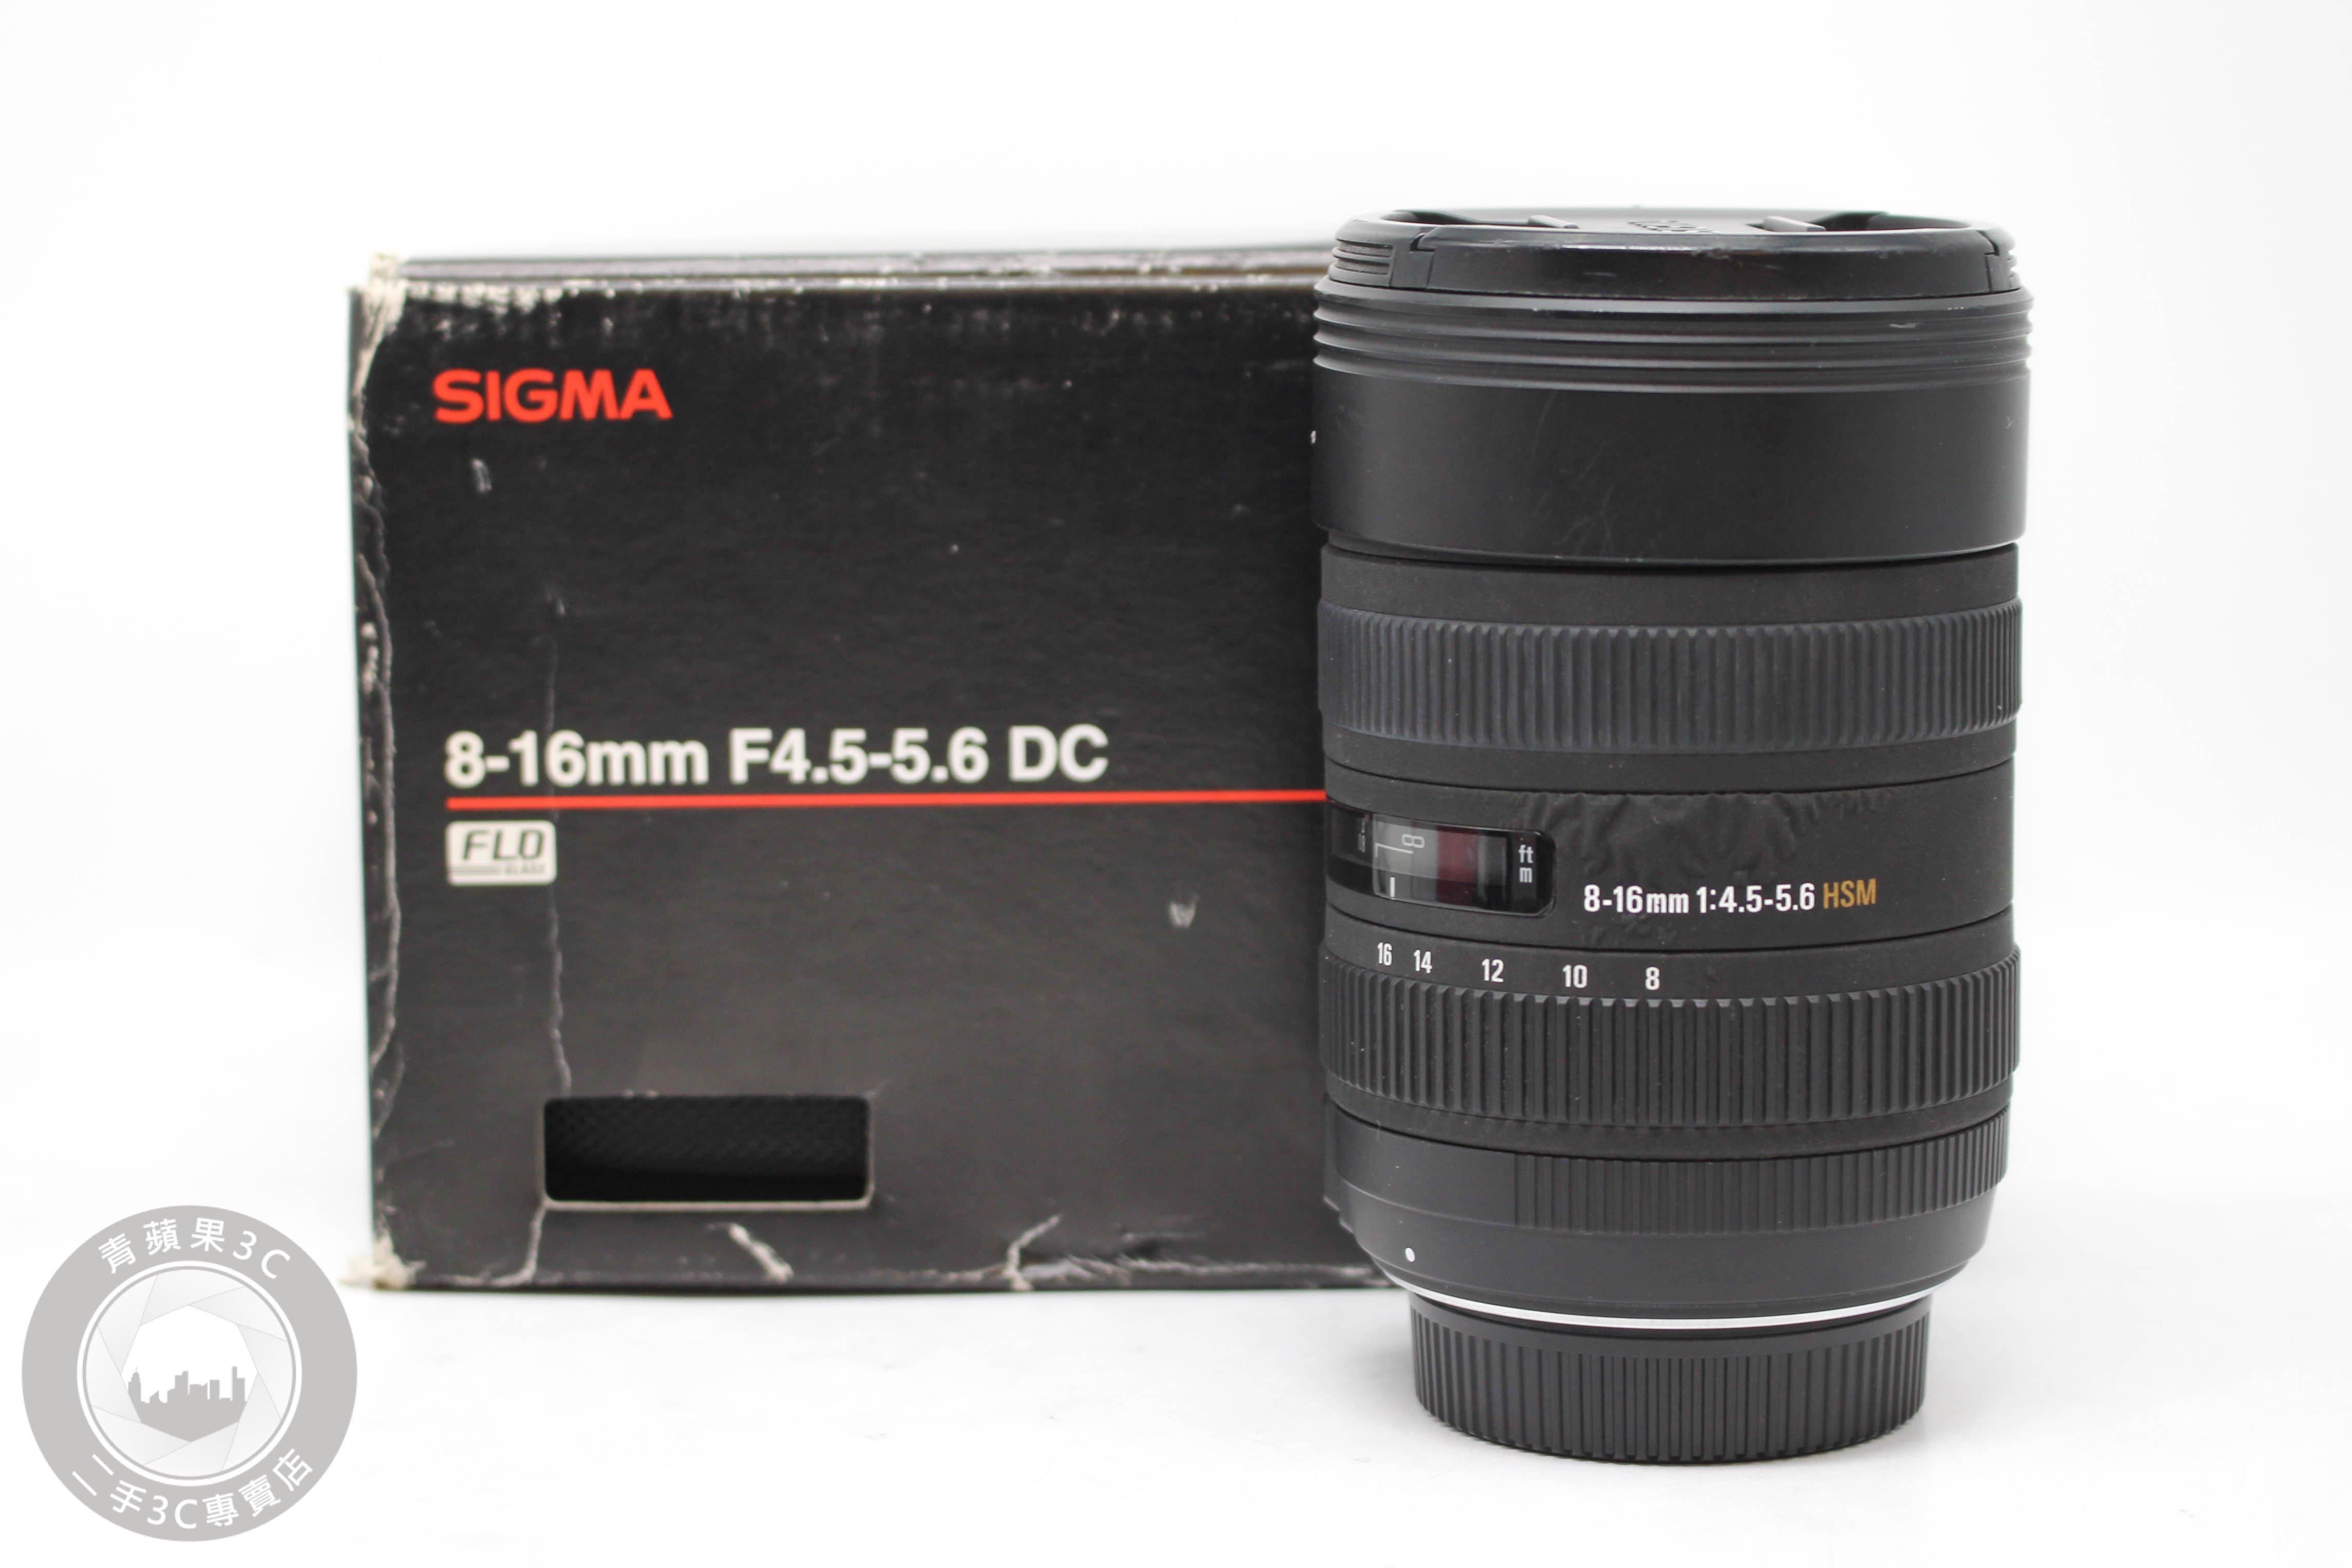 【高雄青蘋果3C】SIGMA 8-16mm f4.5-5.6 HSM DC For Nikon #20780